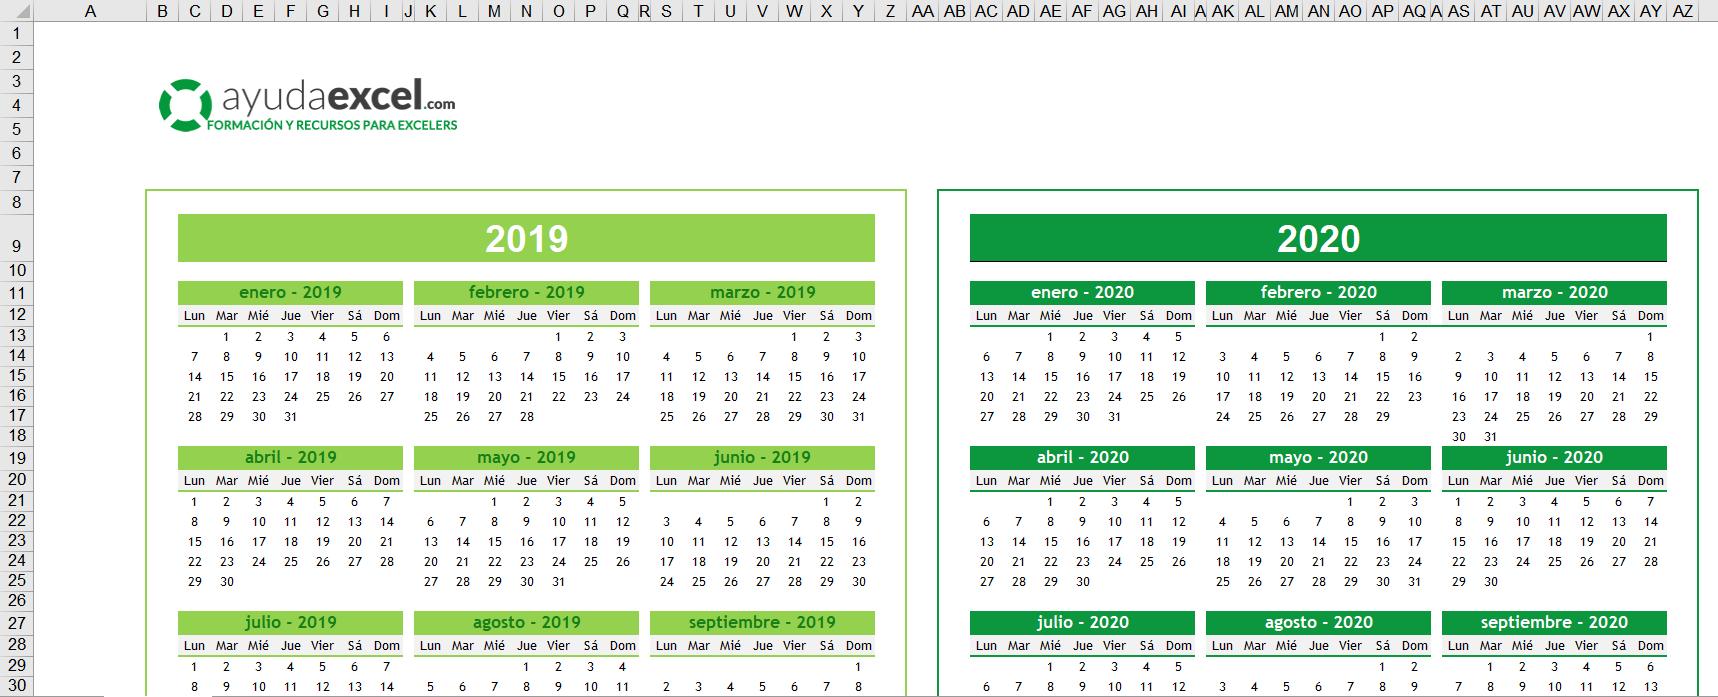 Plantillas Calendario En Excel 2020 - Ayuda Excel